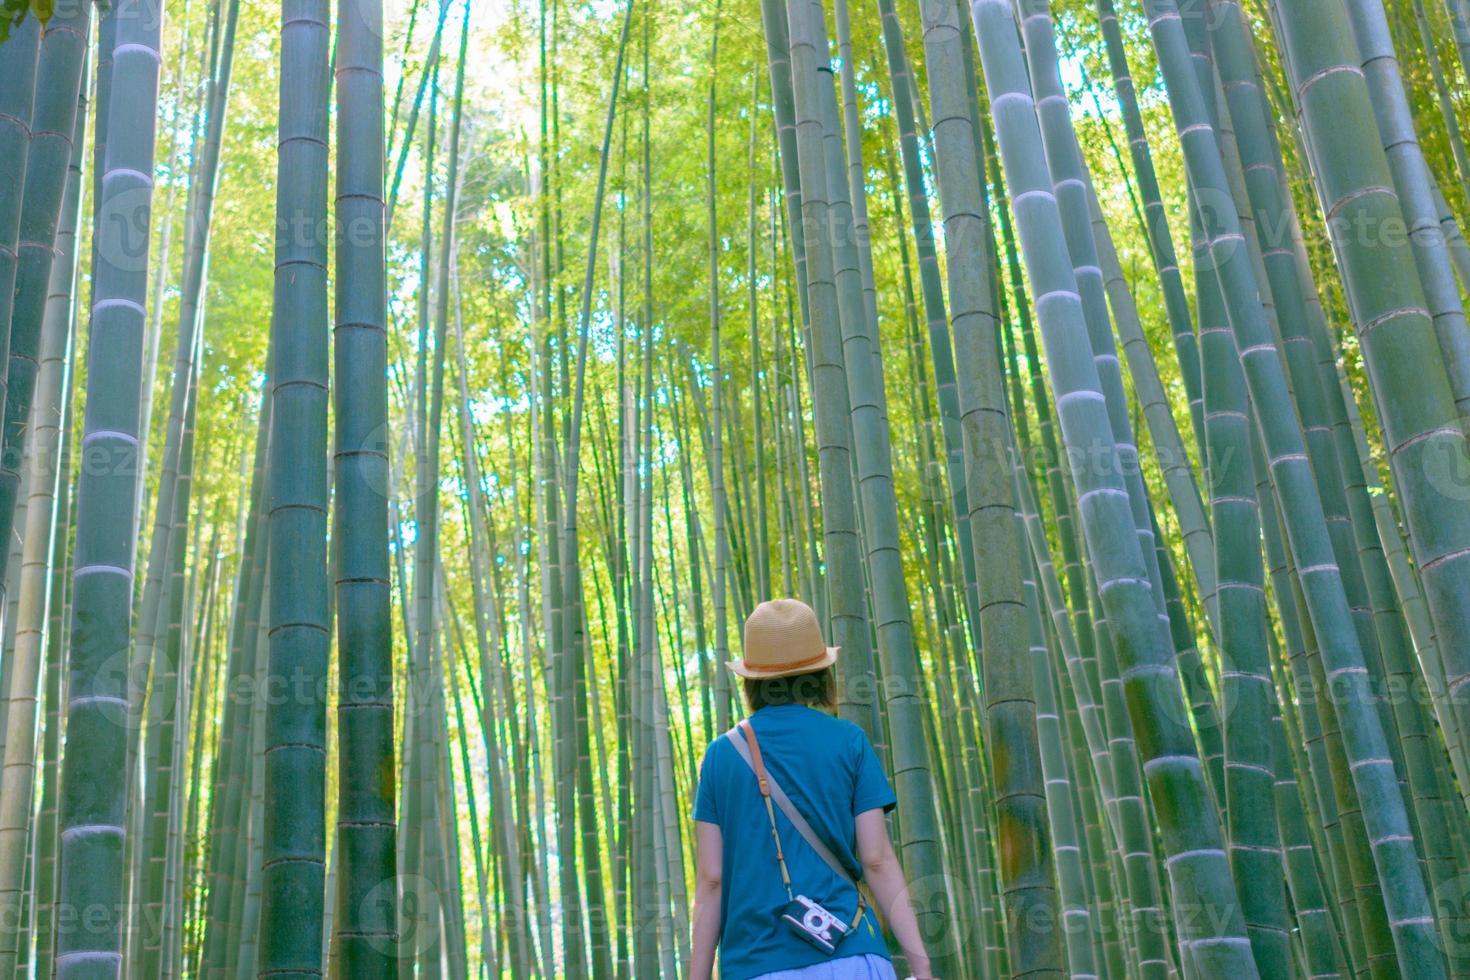 jeune femme explore dans les bambouseraies photo